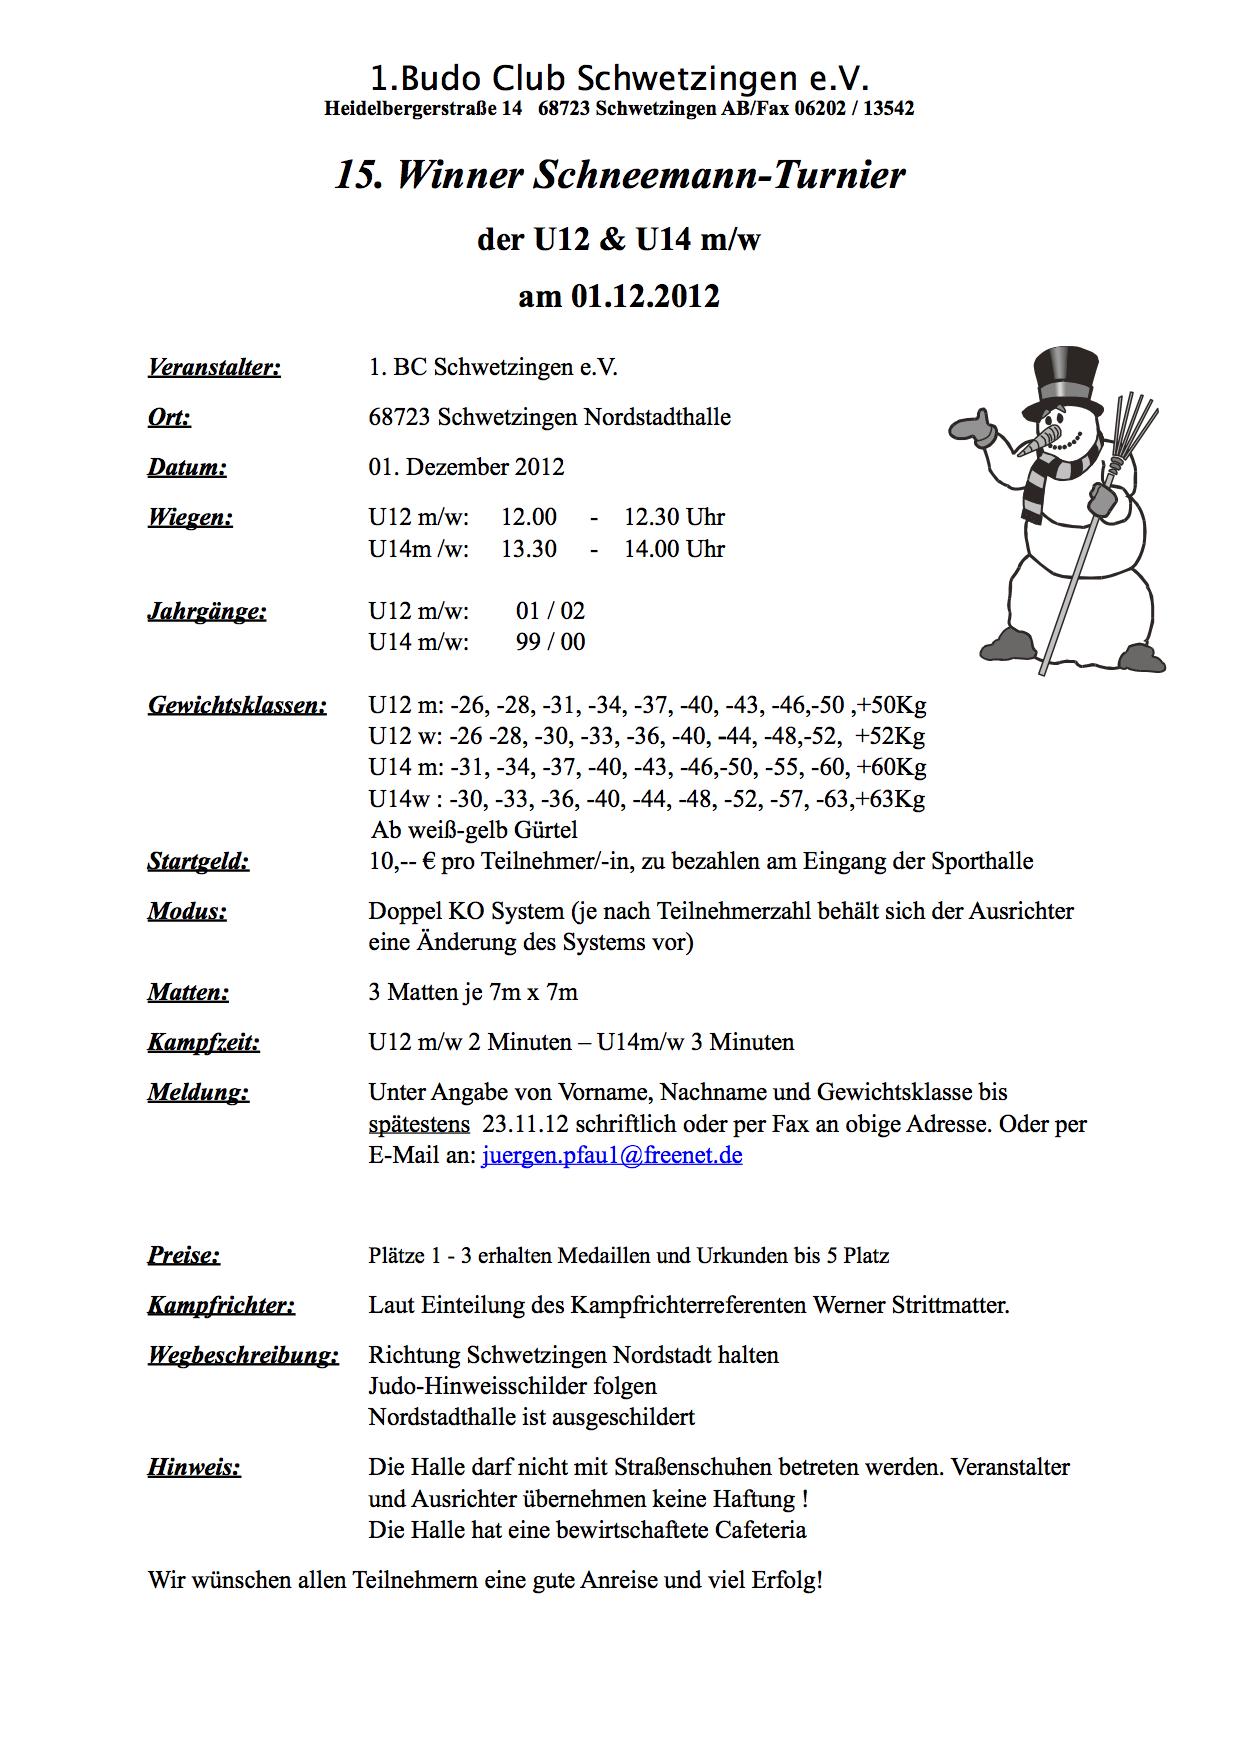 15_winner_schneemann_turnier_u12_u14